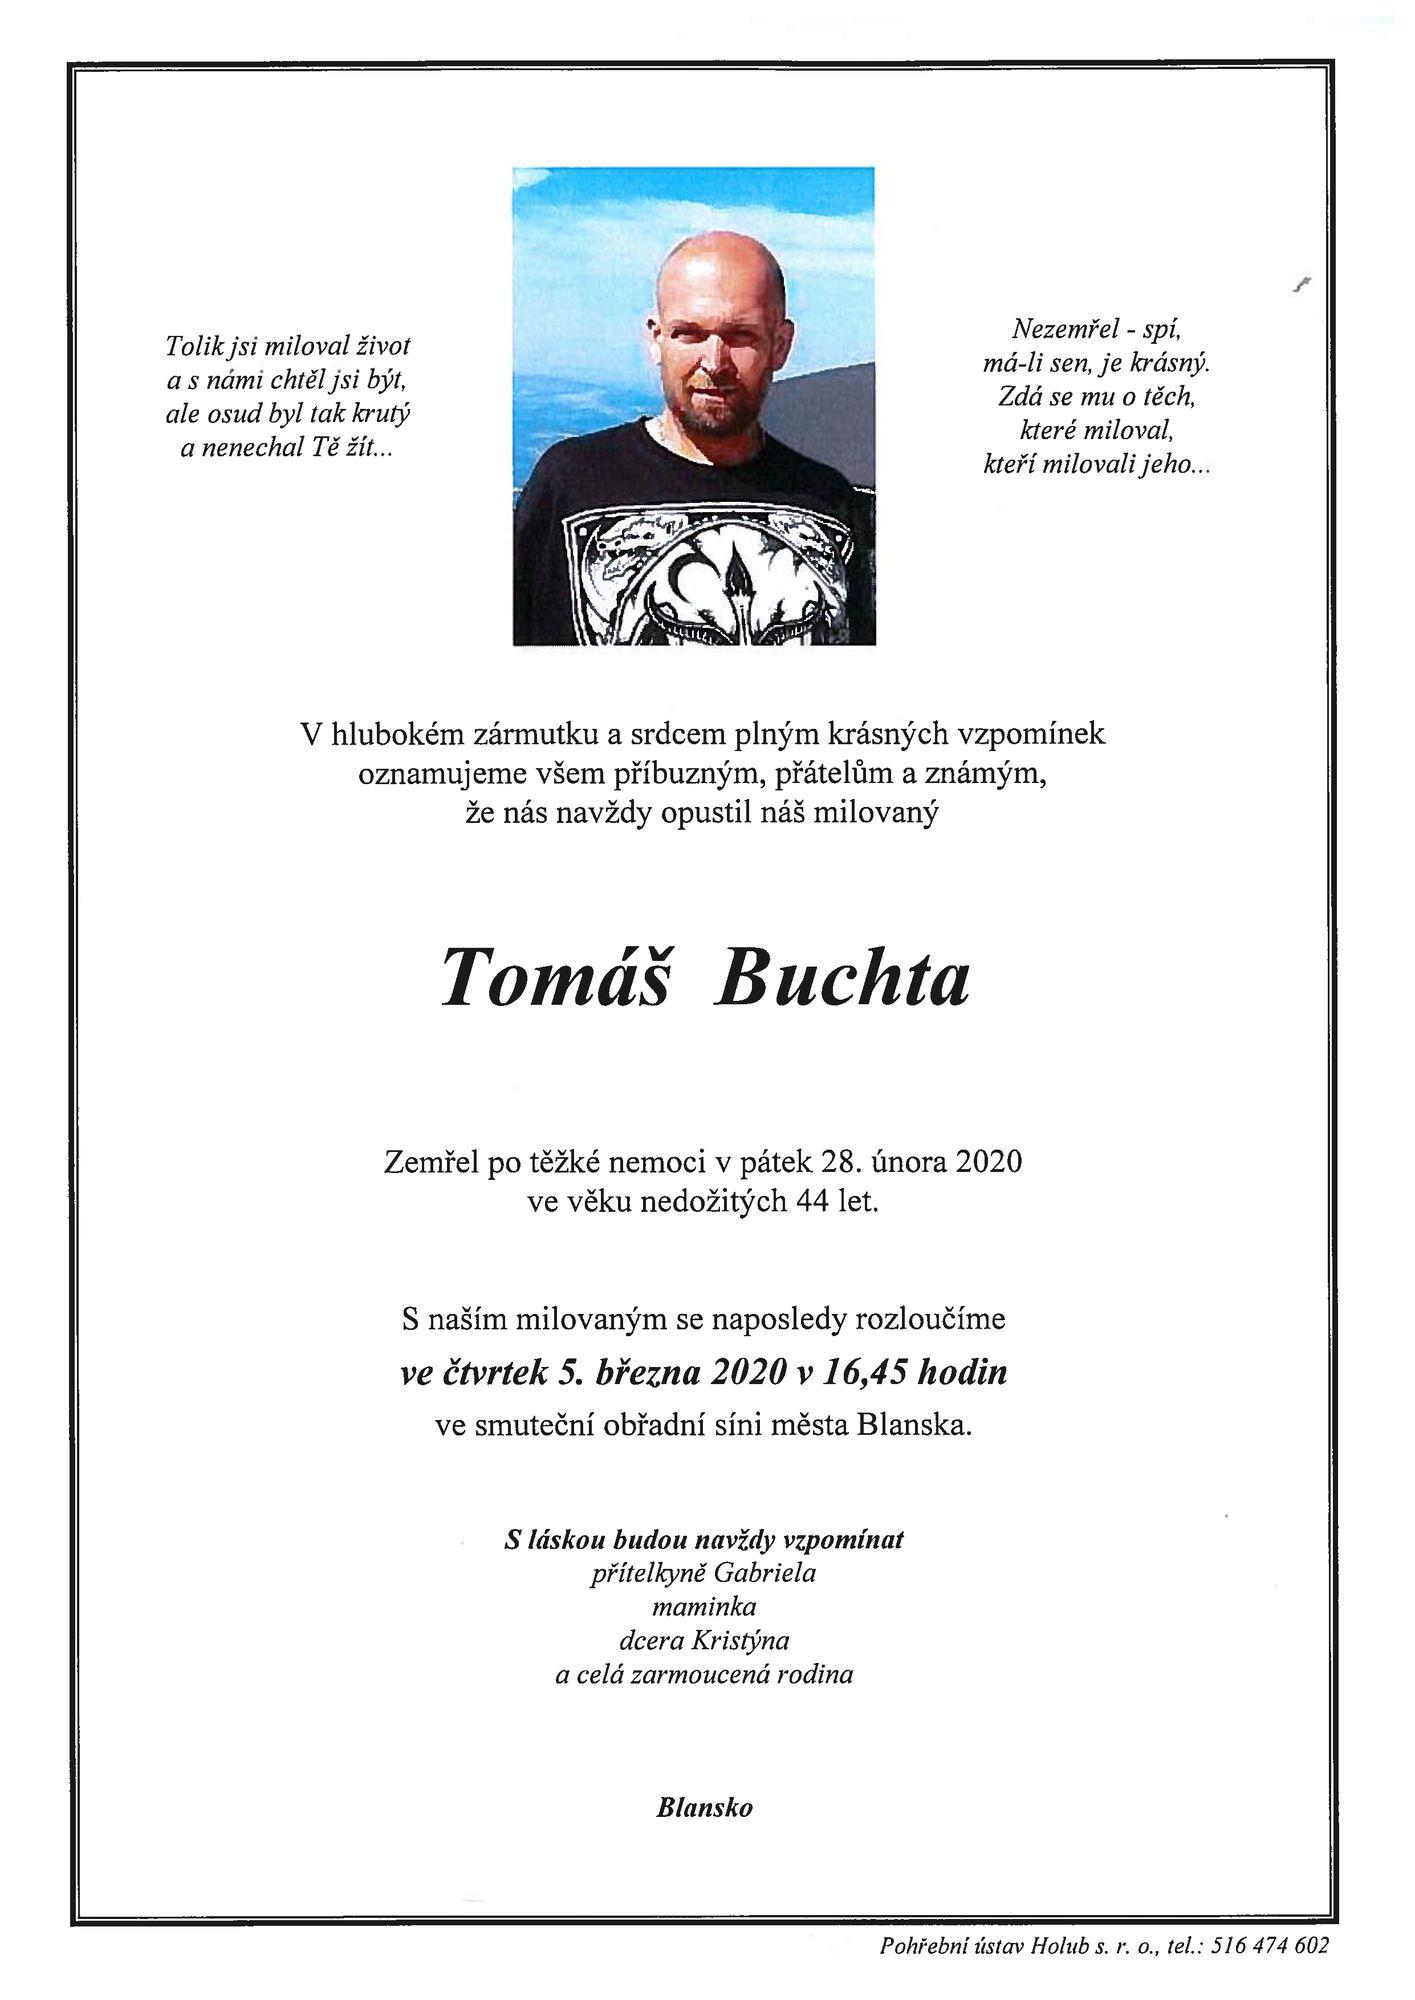 Tomáš Buchta